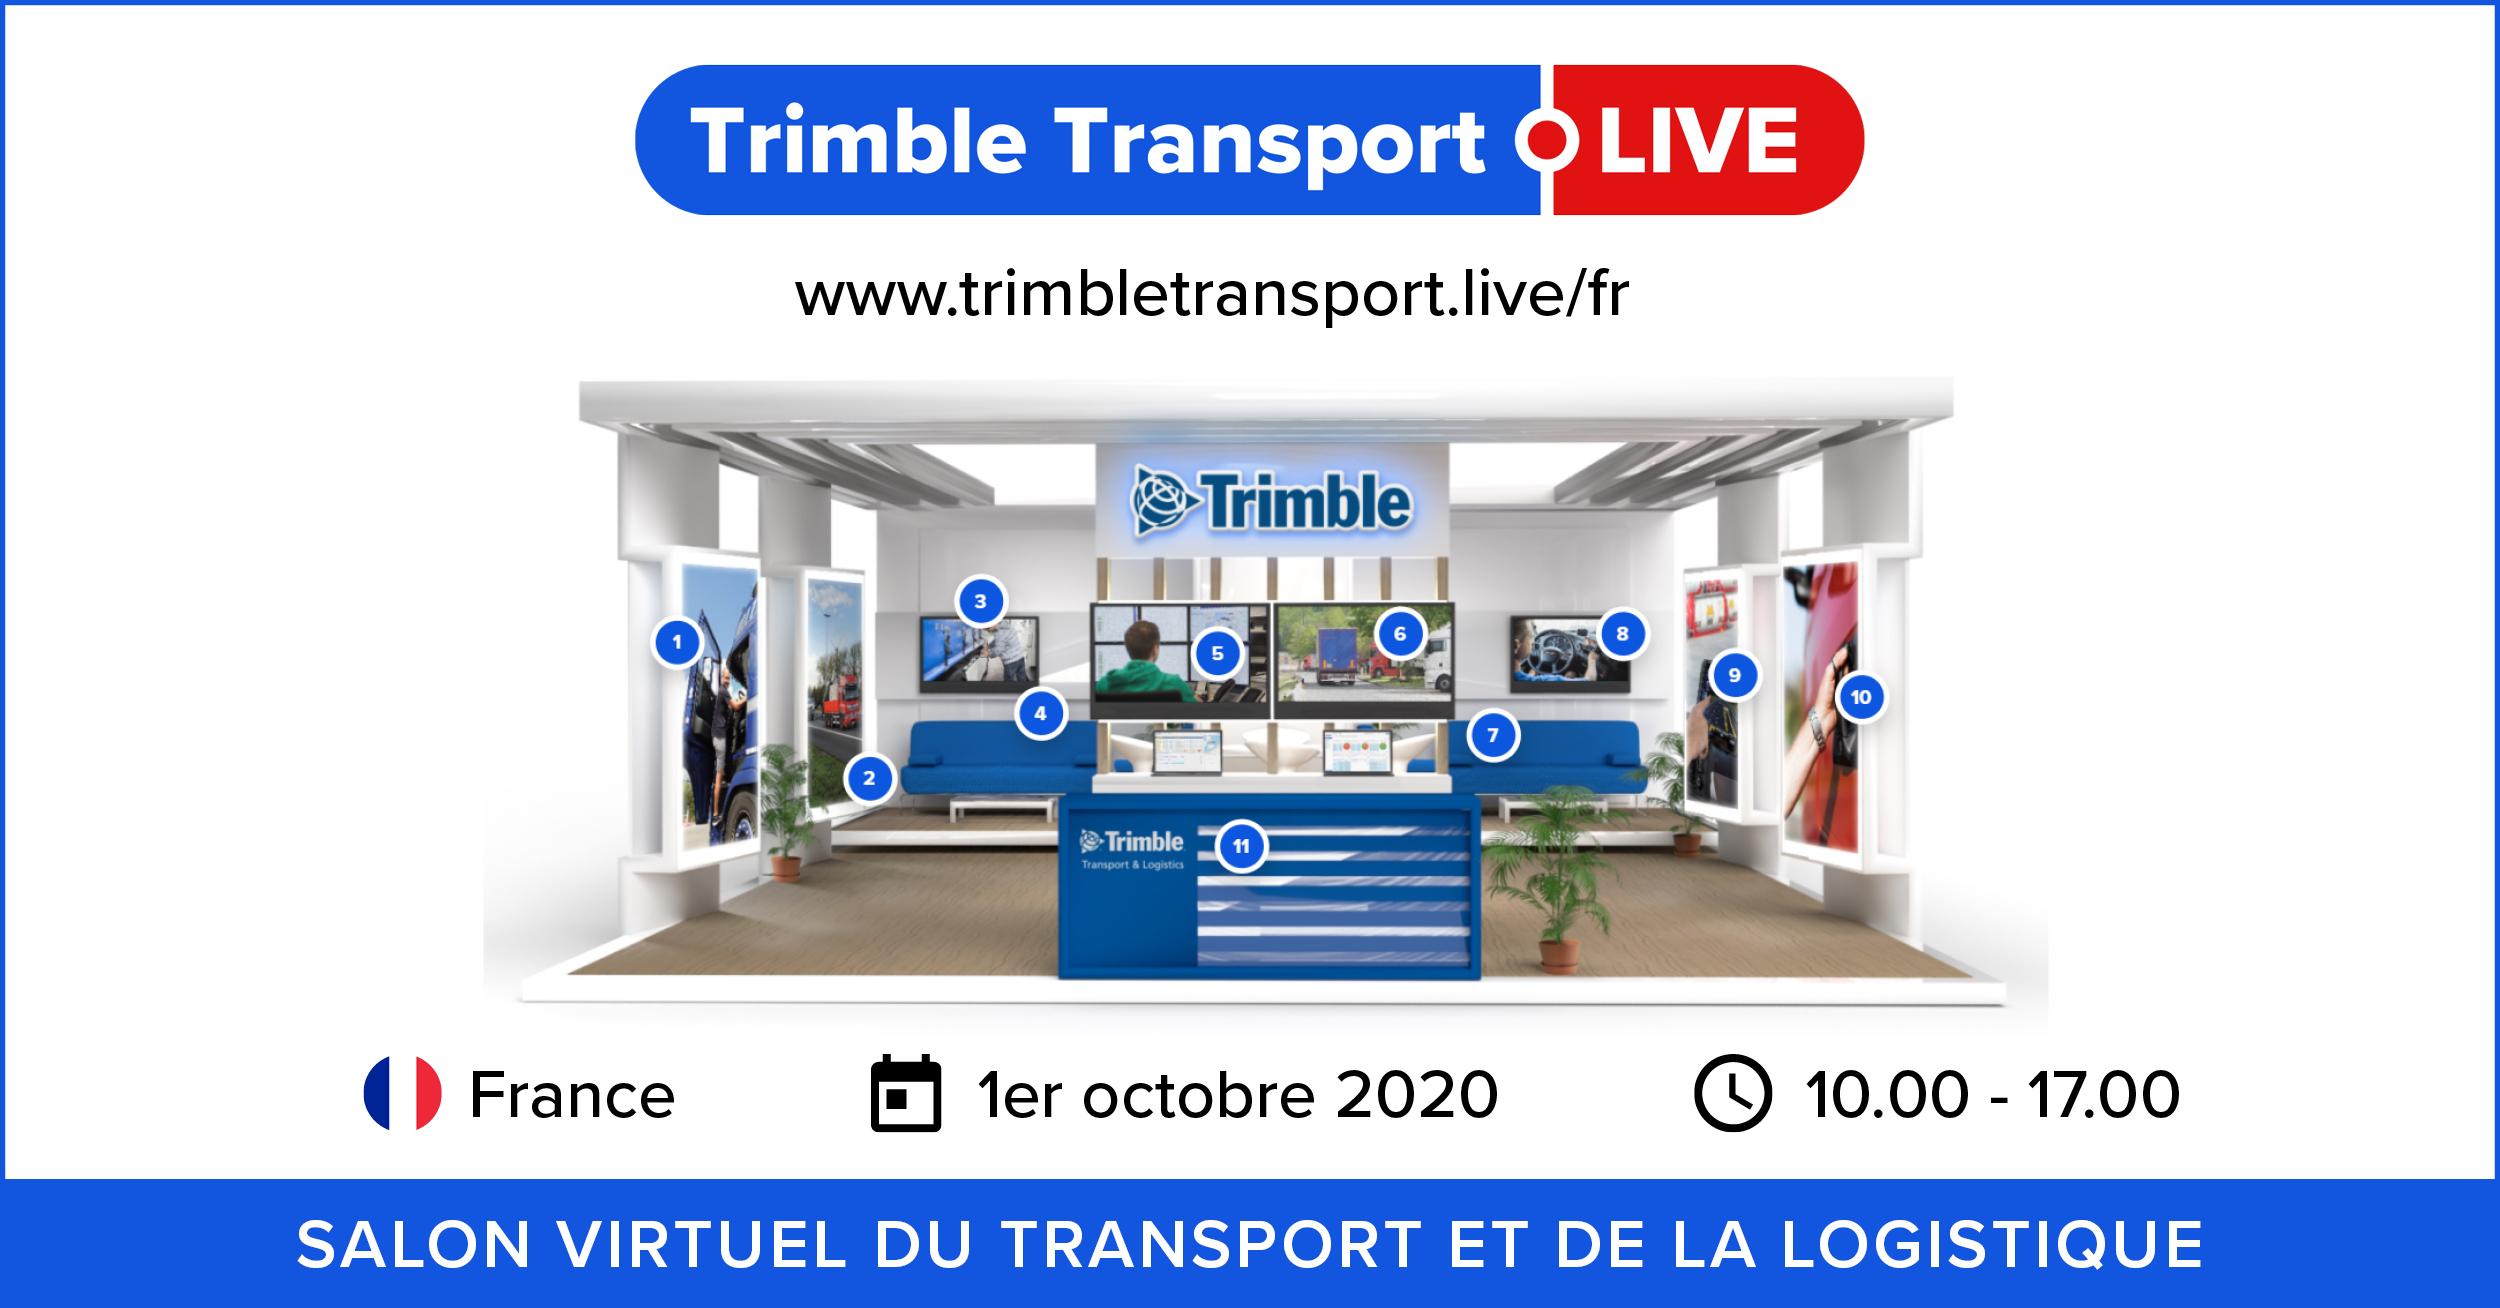 Trimble Transport Live, le salon virtuel du transport et de la logistique